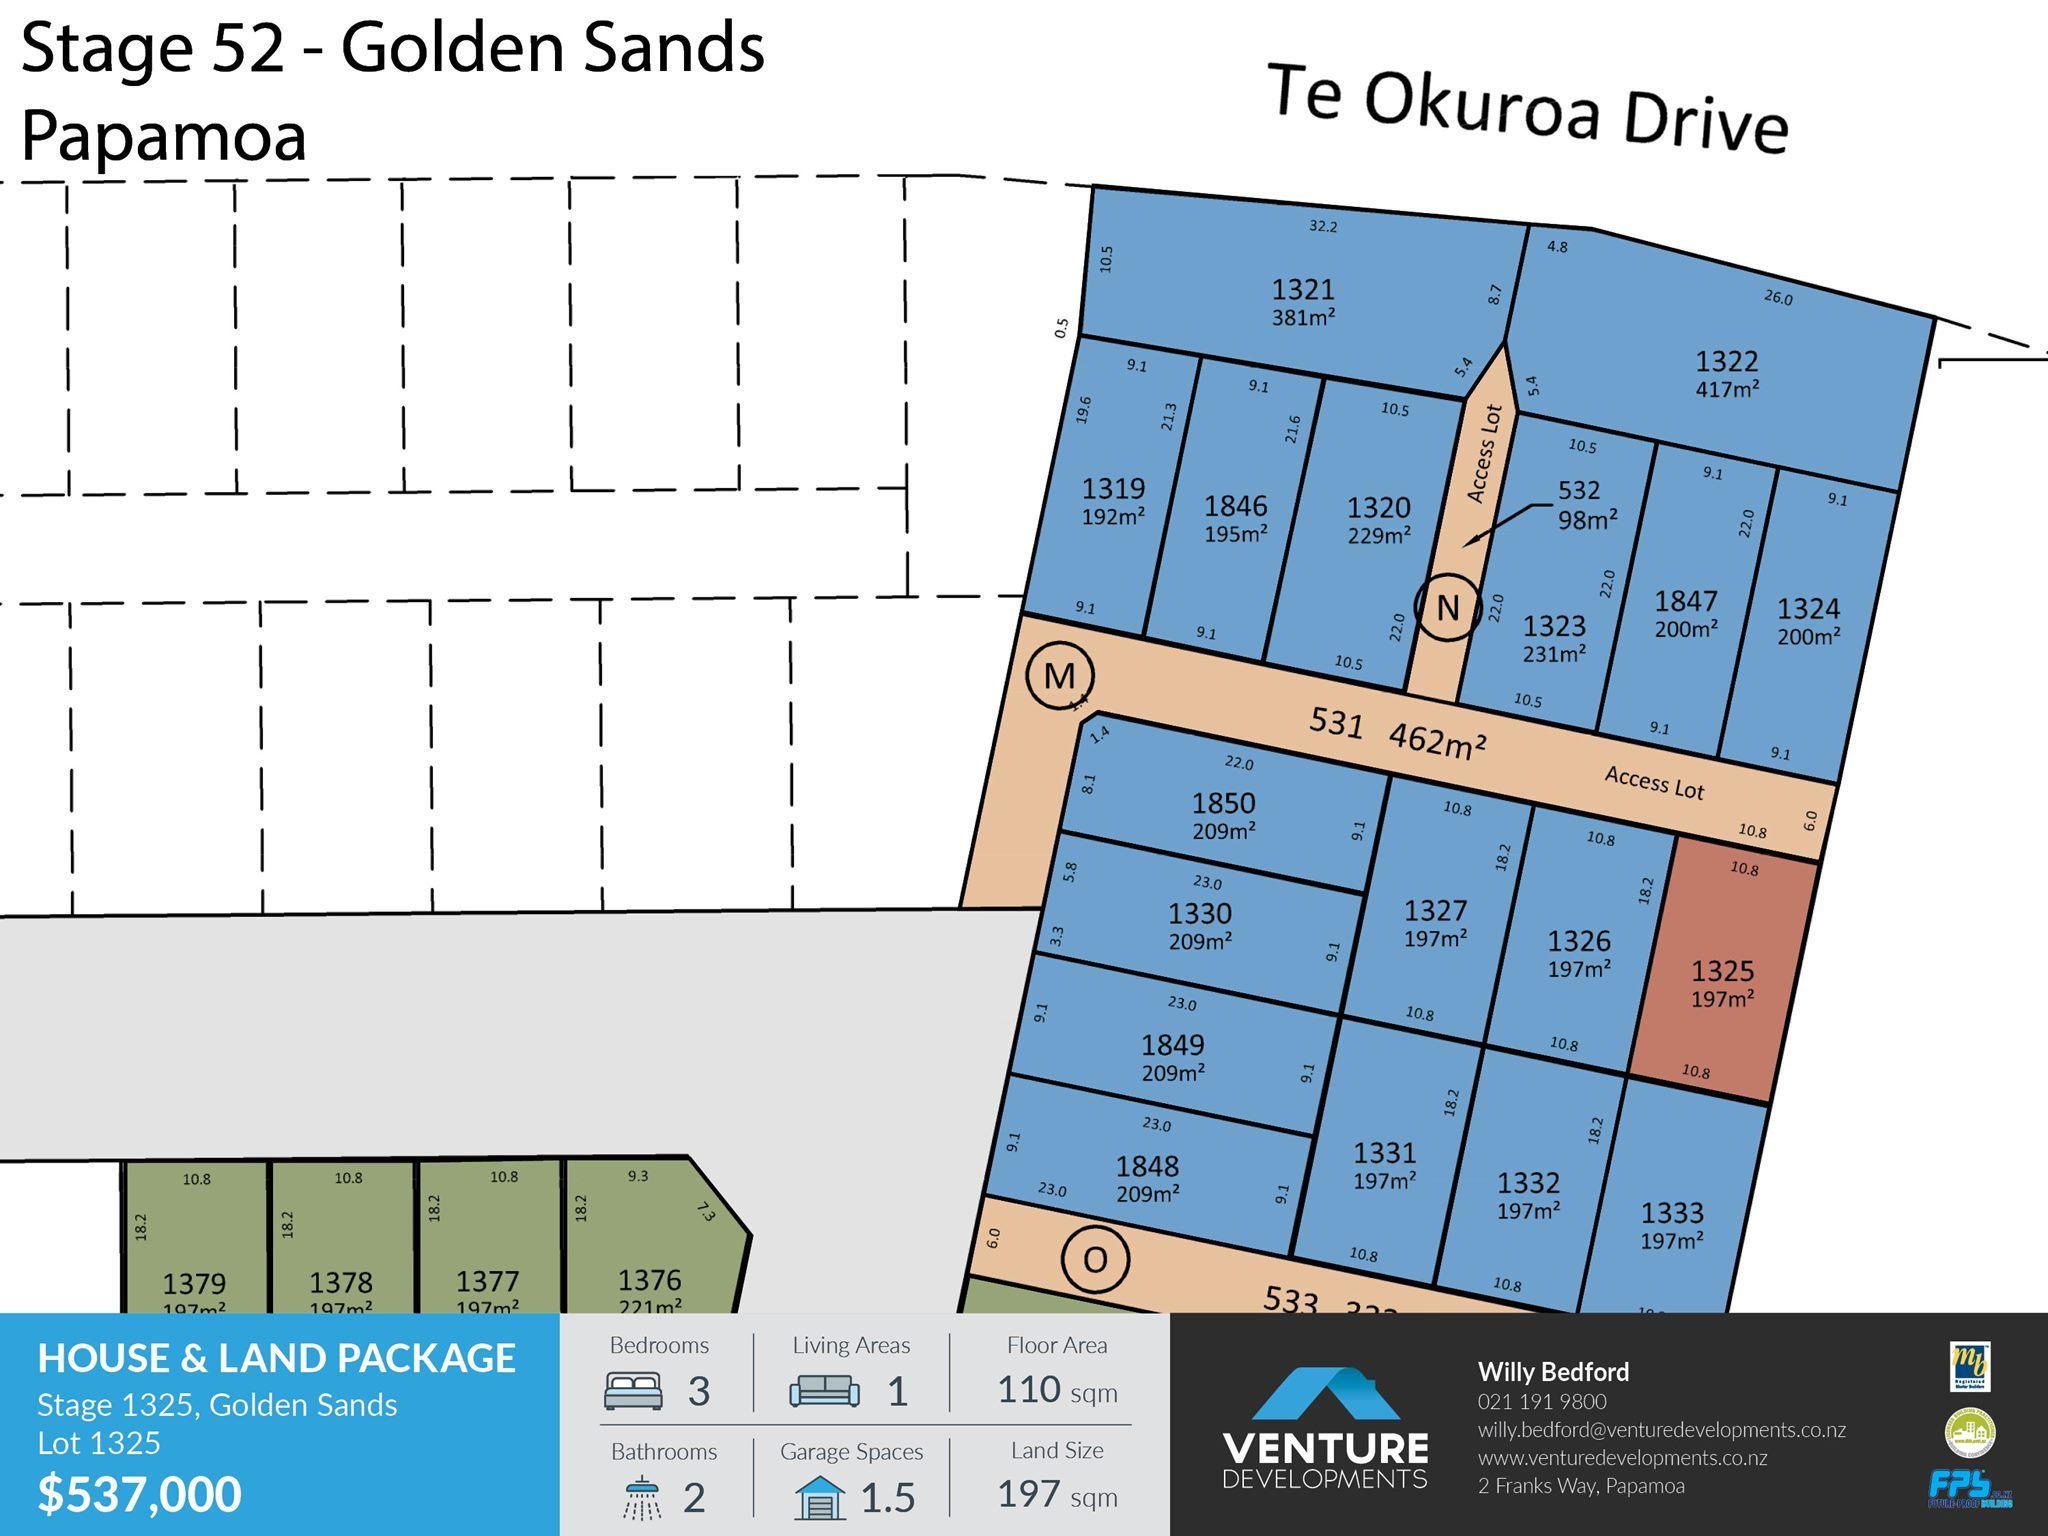 Lot 1846, Stage 52 - Golden Sands